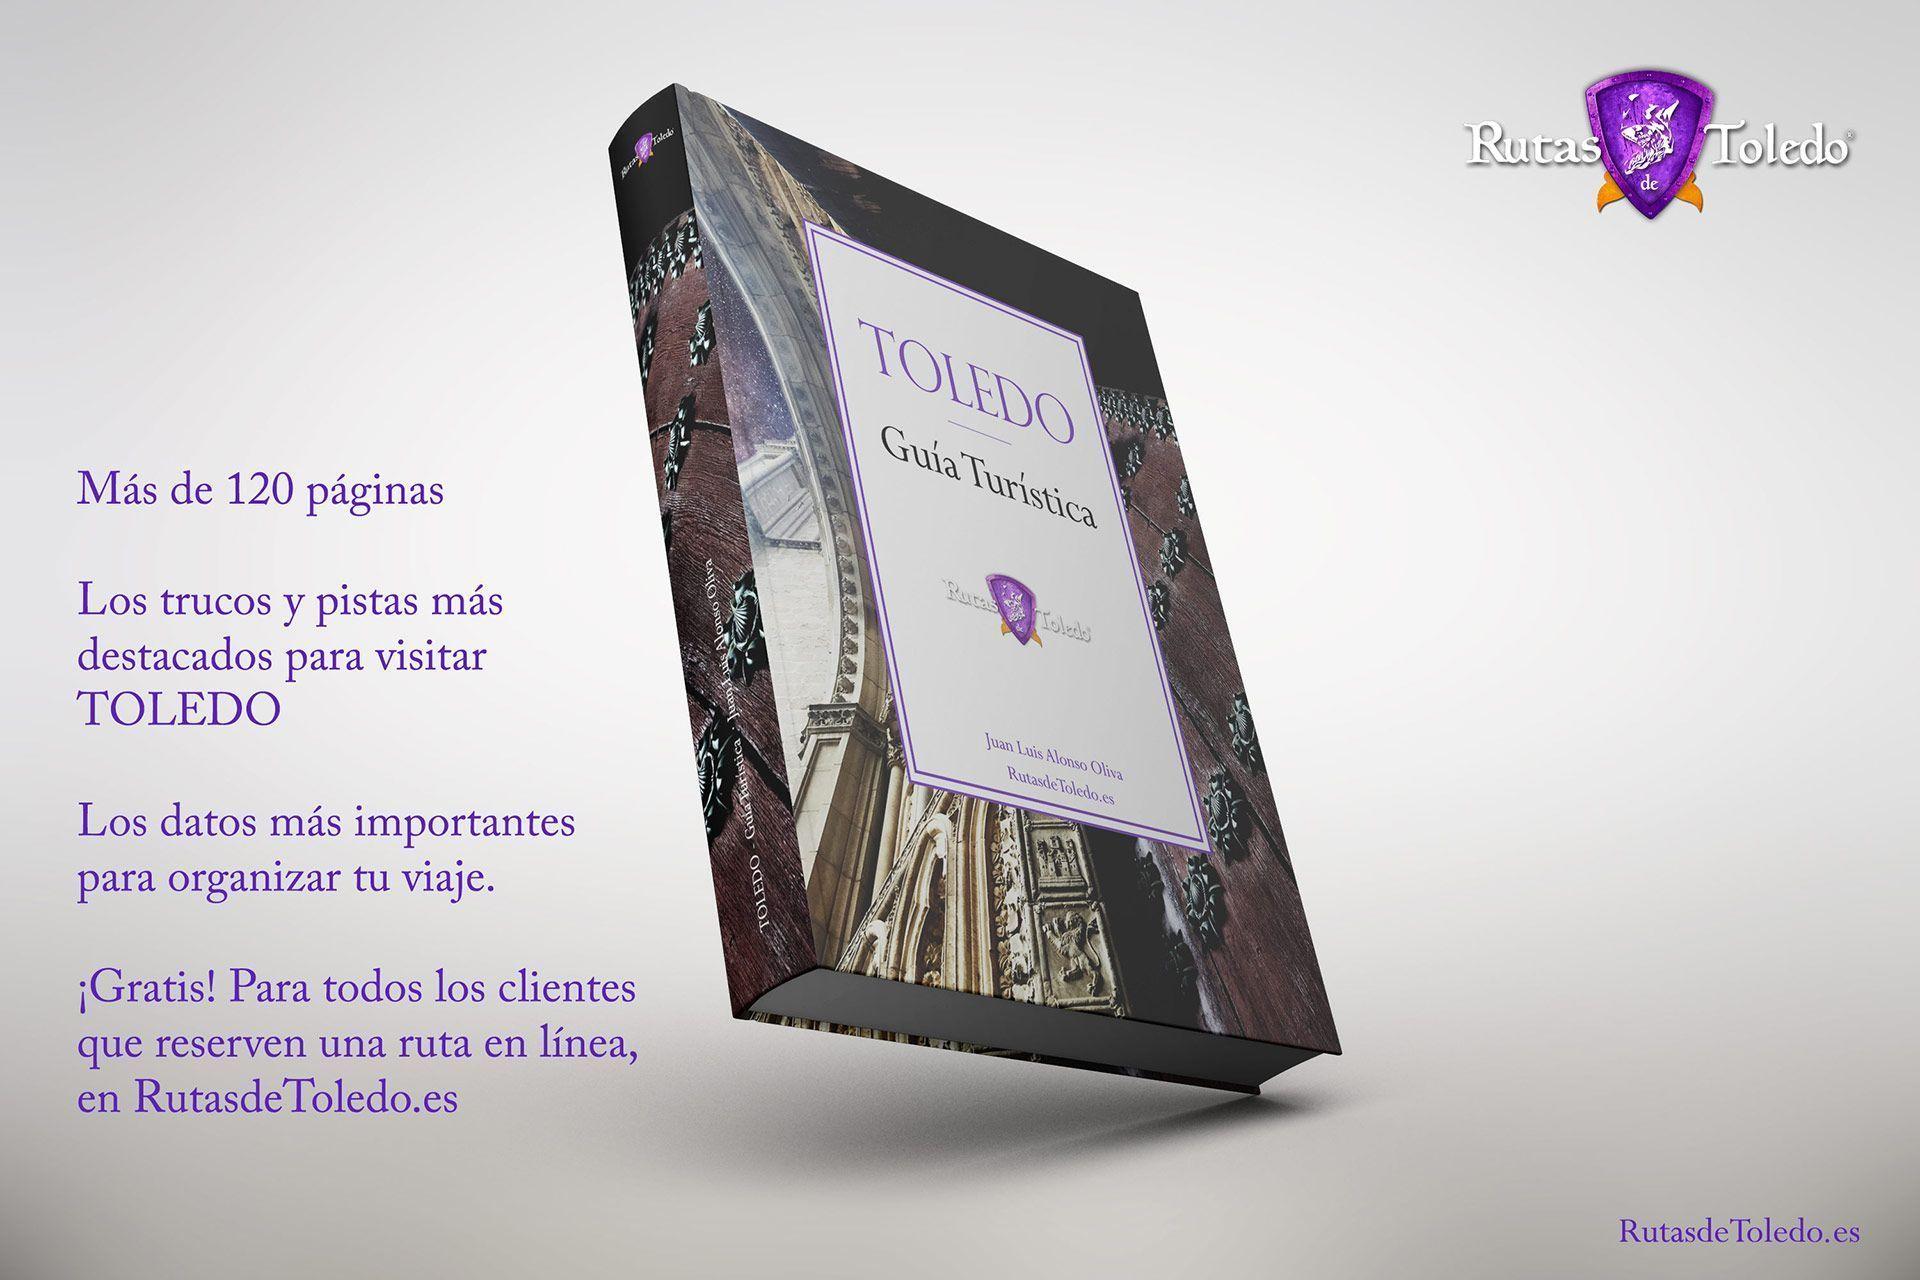 Toledo, guía turística información básica sobre la ciudad, de regalo con la reserva de nuestras rutas*